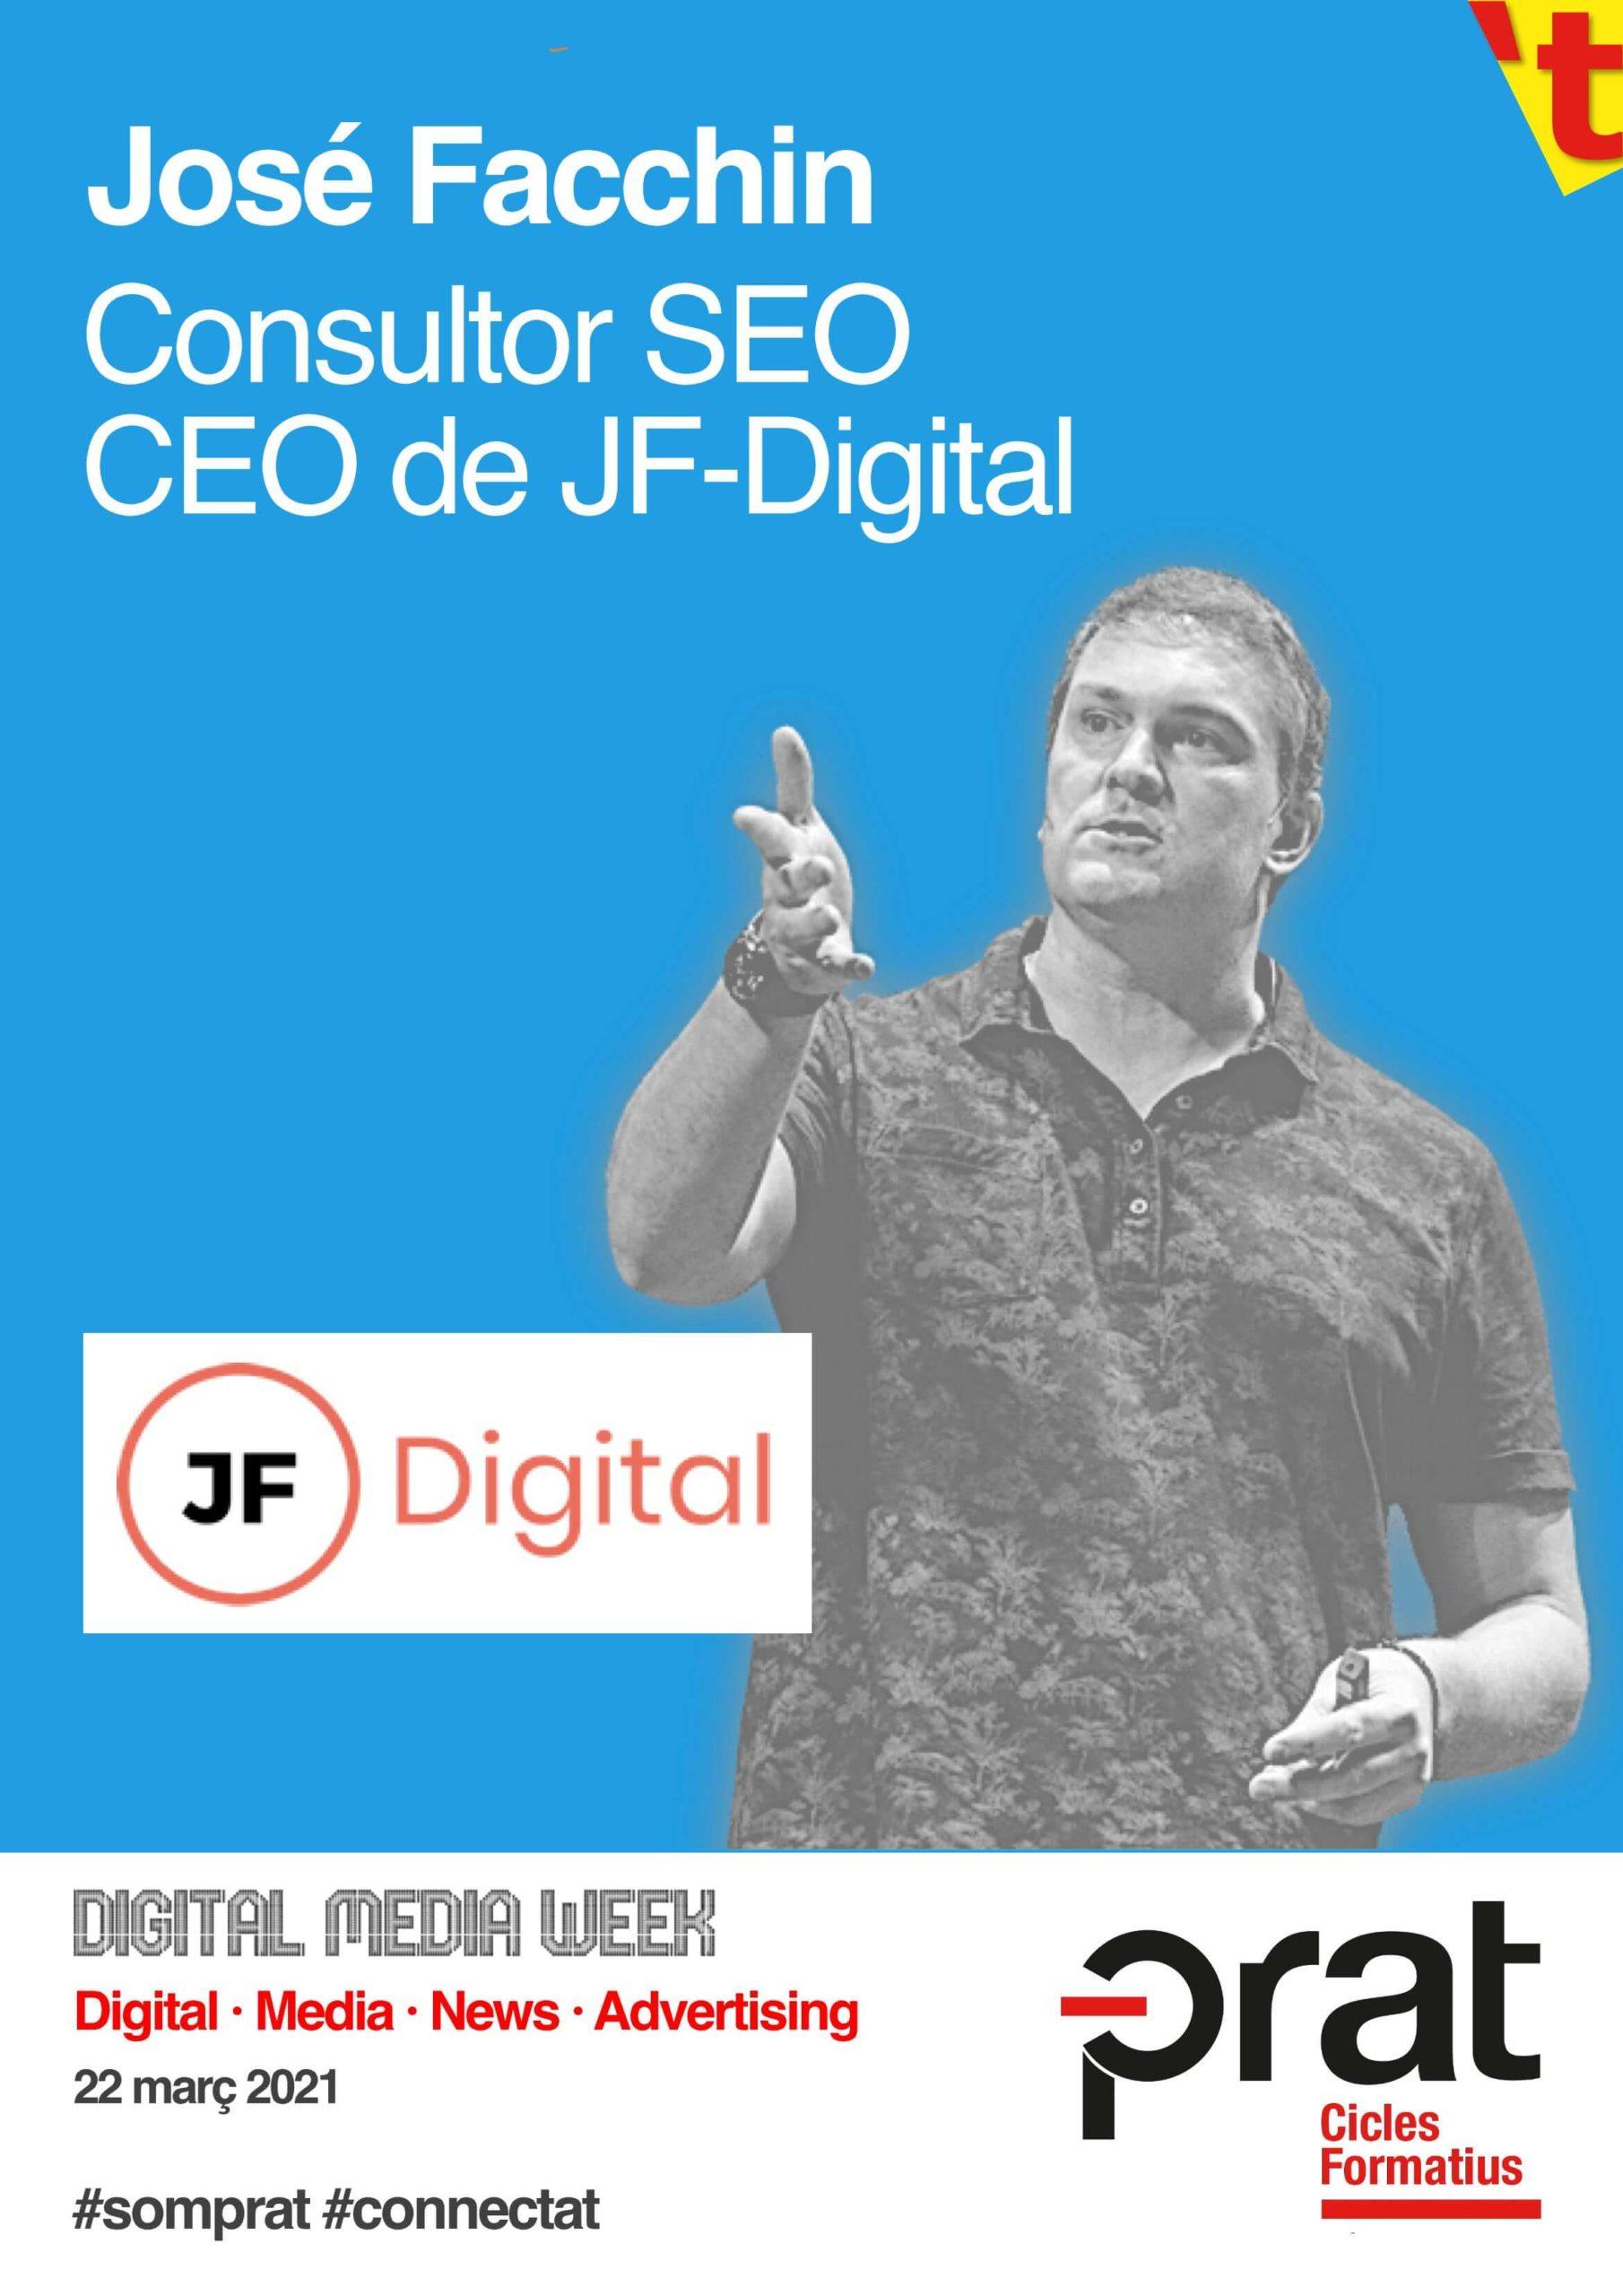 Digital Media Week: José Facchin - Cicle Formatiu de Grau Superior de Màrqueting i Publicitat a Prat Educació